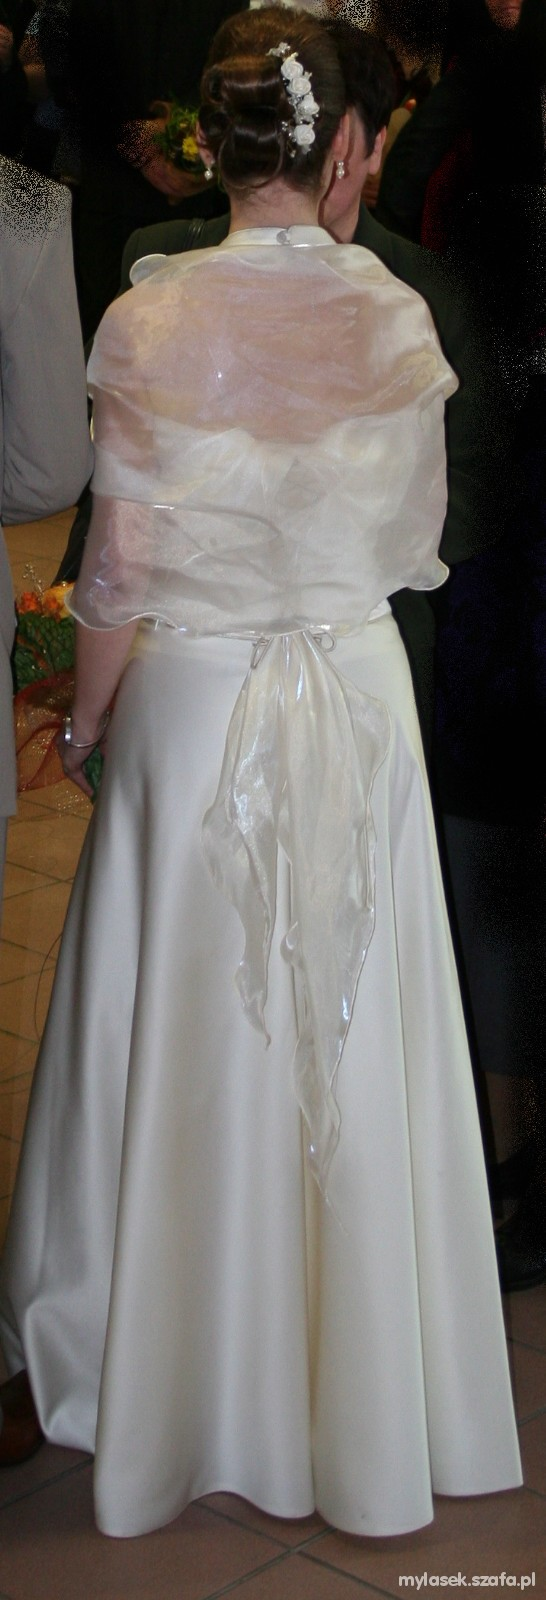 Suknia sukienka ślubna wieczorowa Spódnica gorset